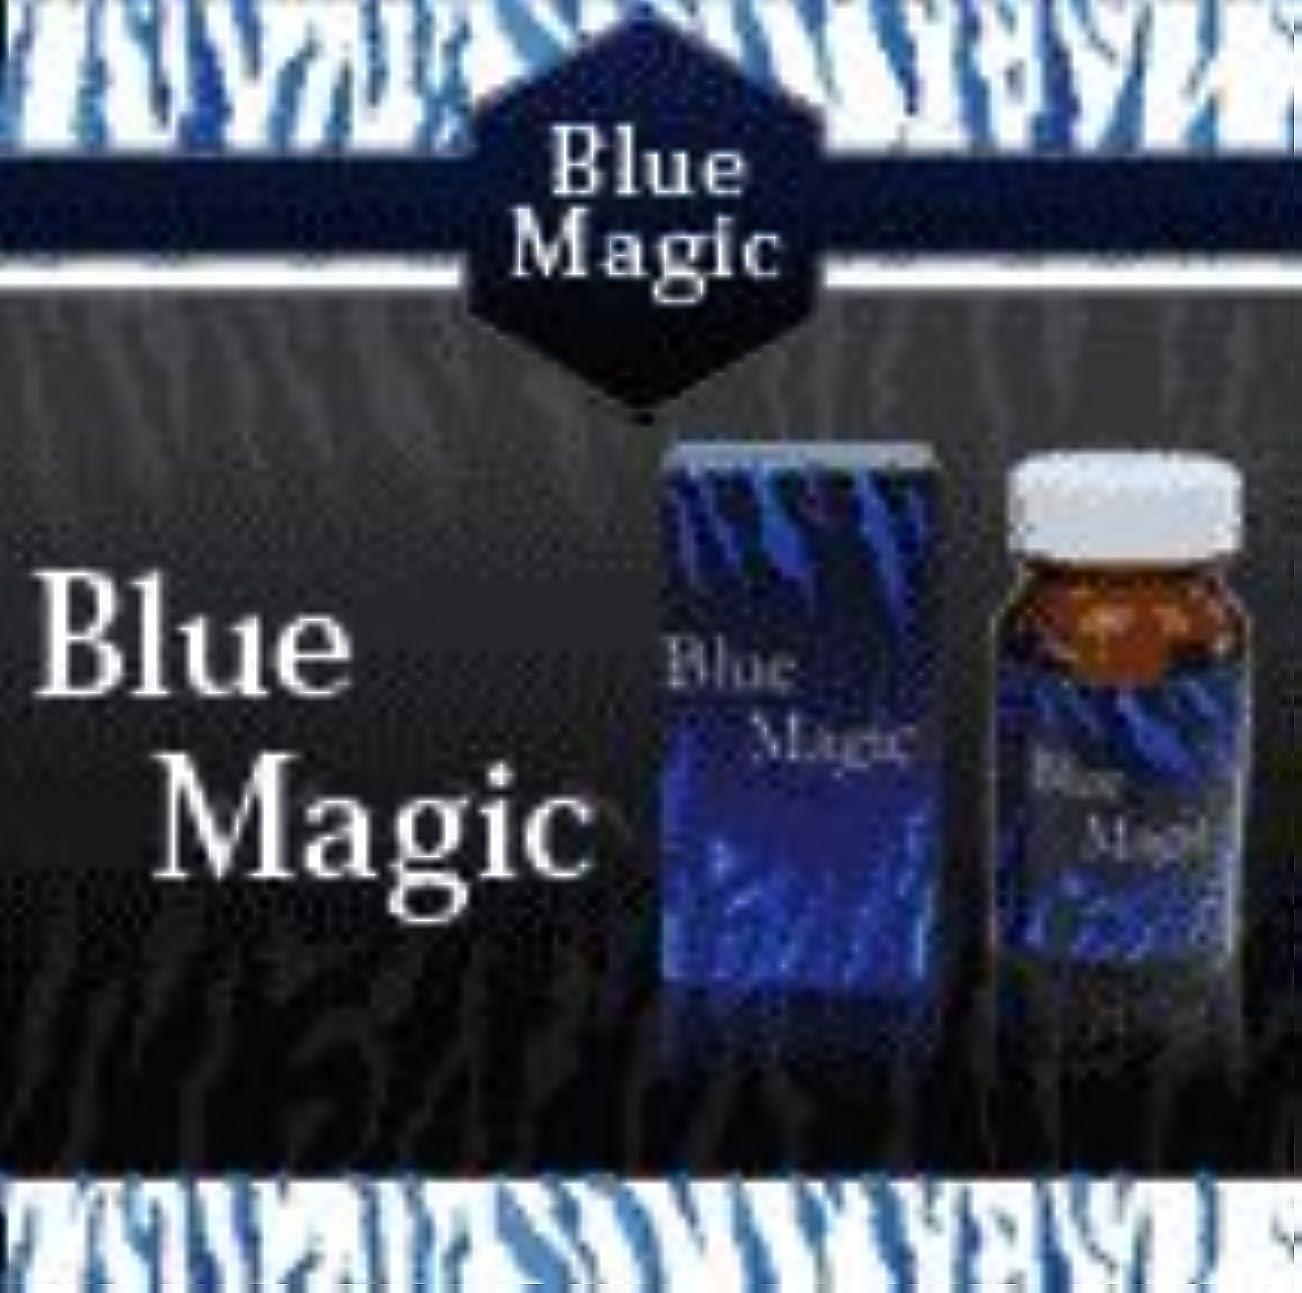 庭園カブ腐敗した「Blue Magic」ブルーマジック (ダイエットサプリメント) 5個セット